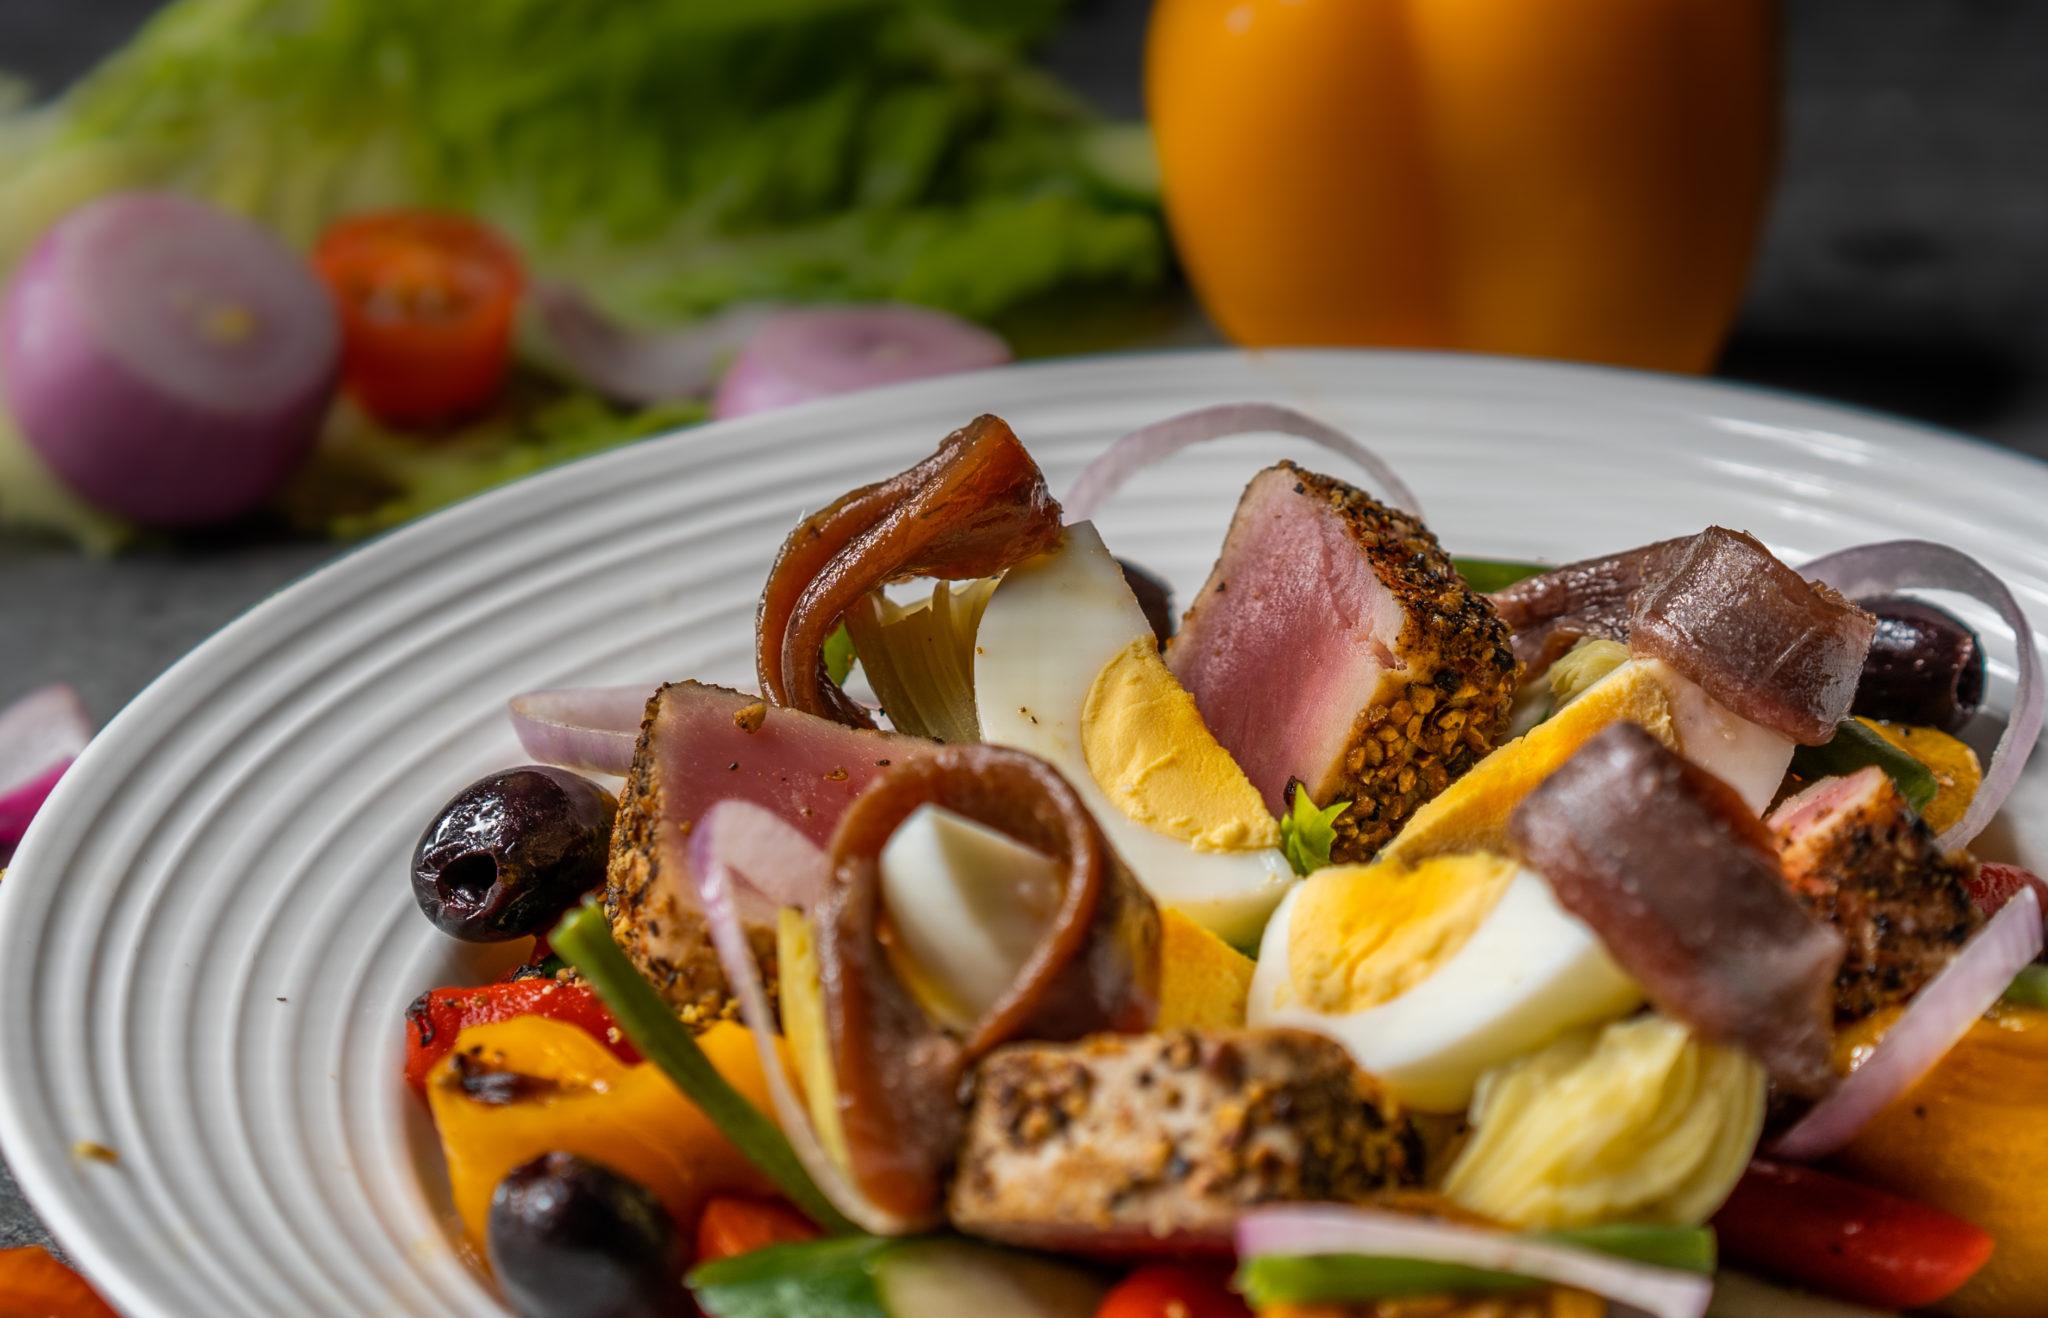 Taratata Brasserie - Nicoise Salad